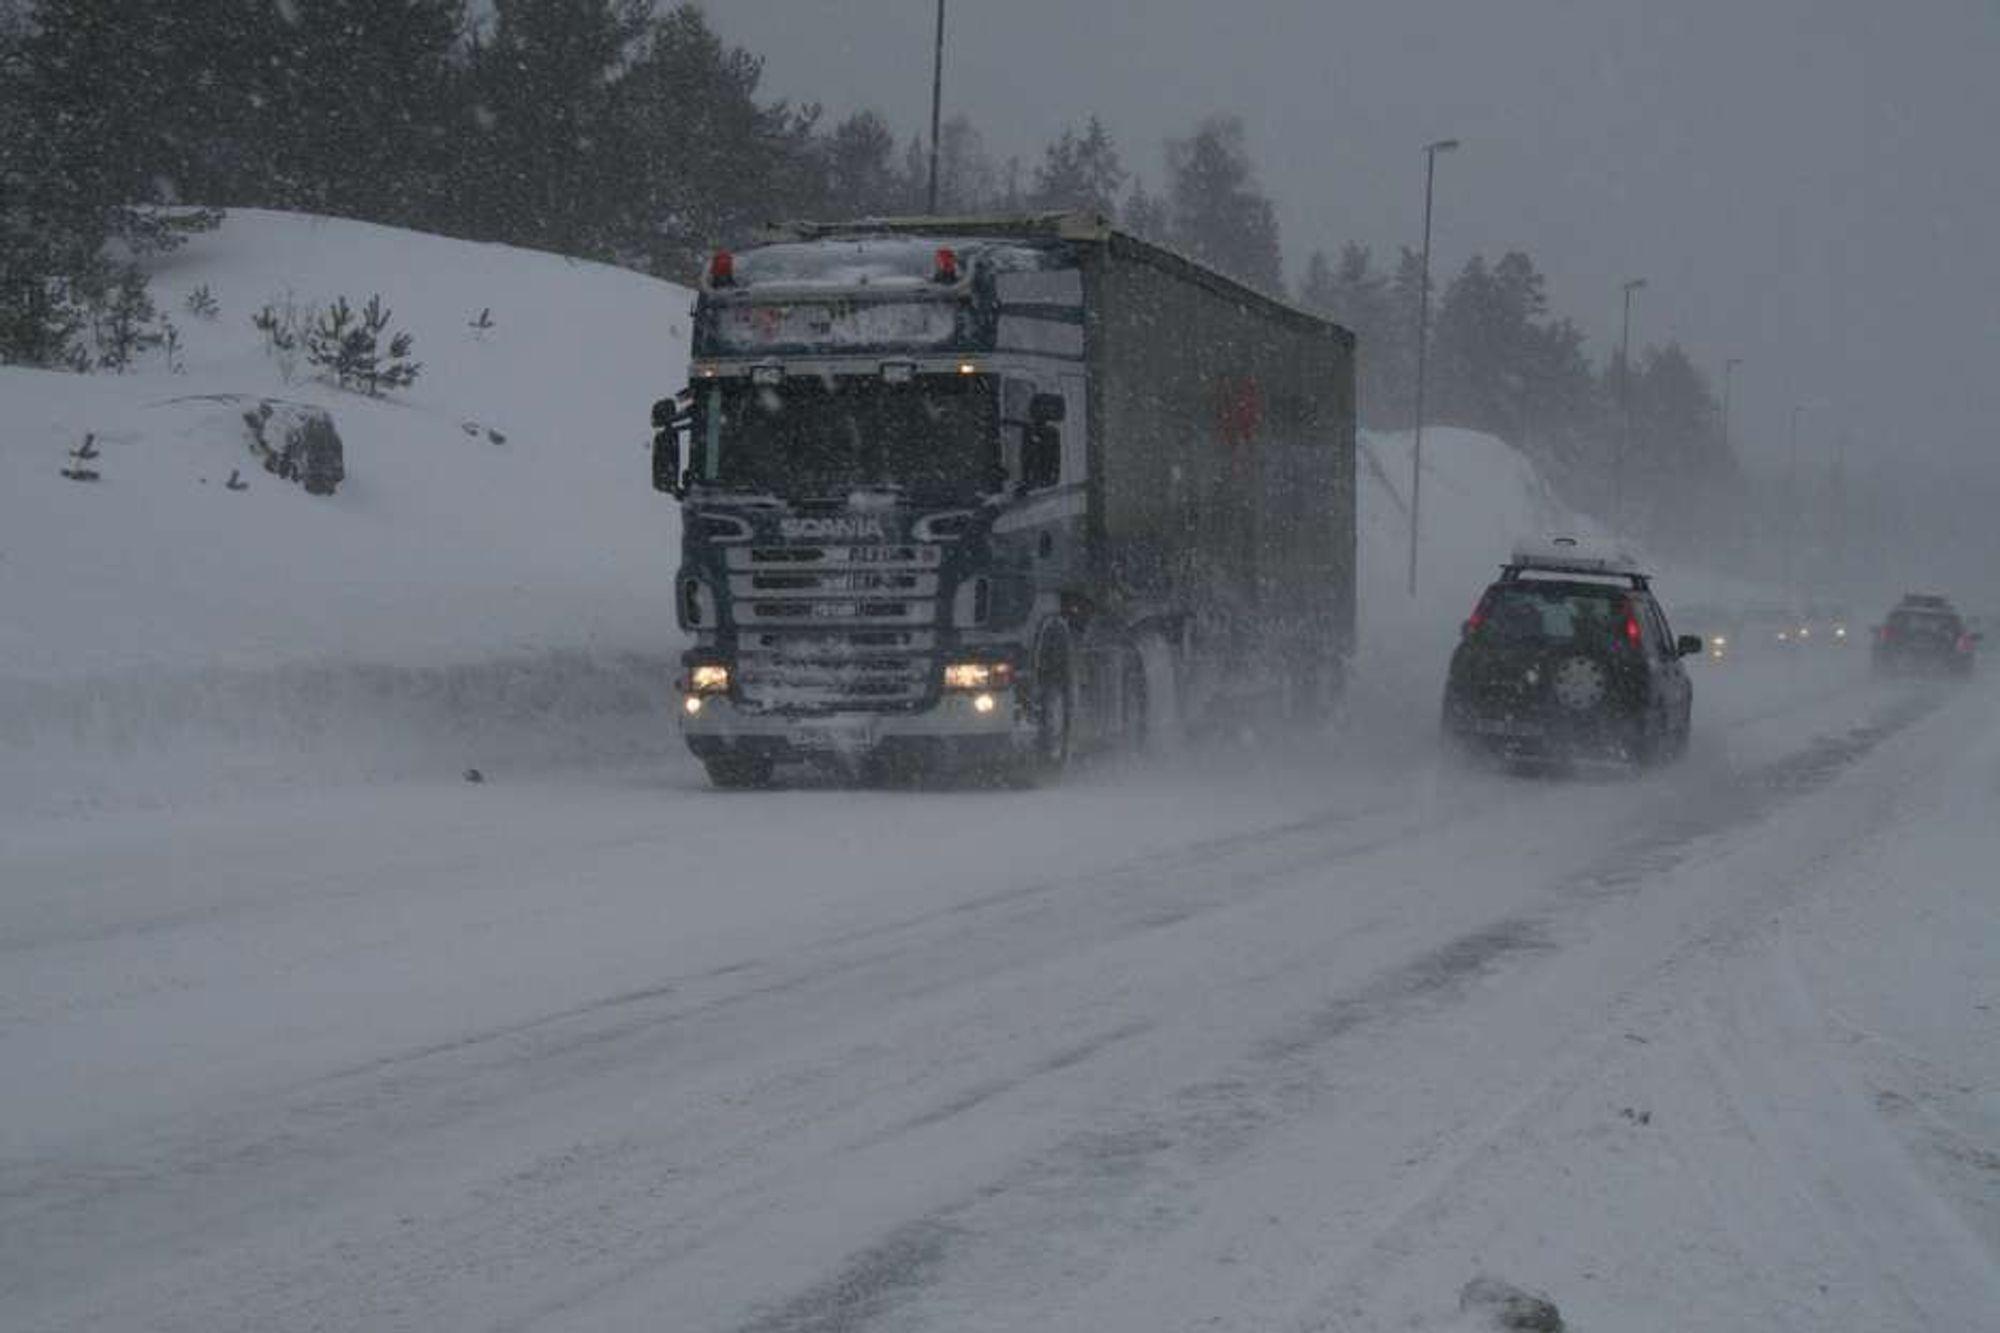 Store snømengder stenger E18 på Agder